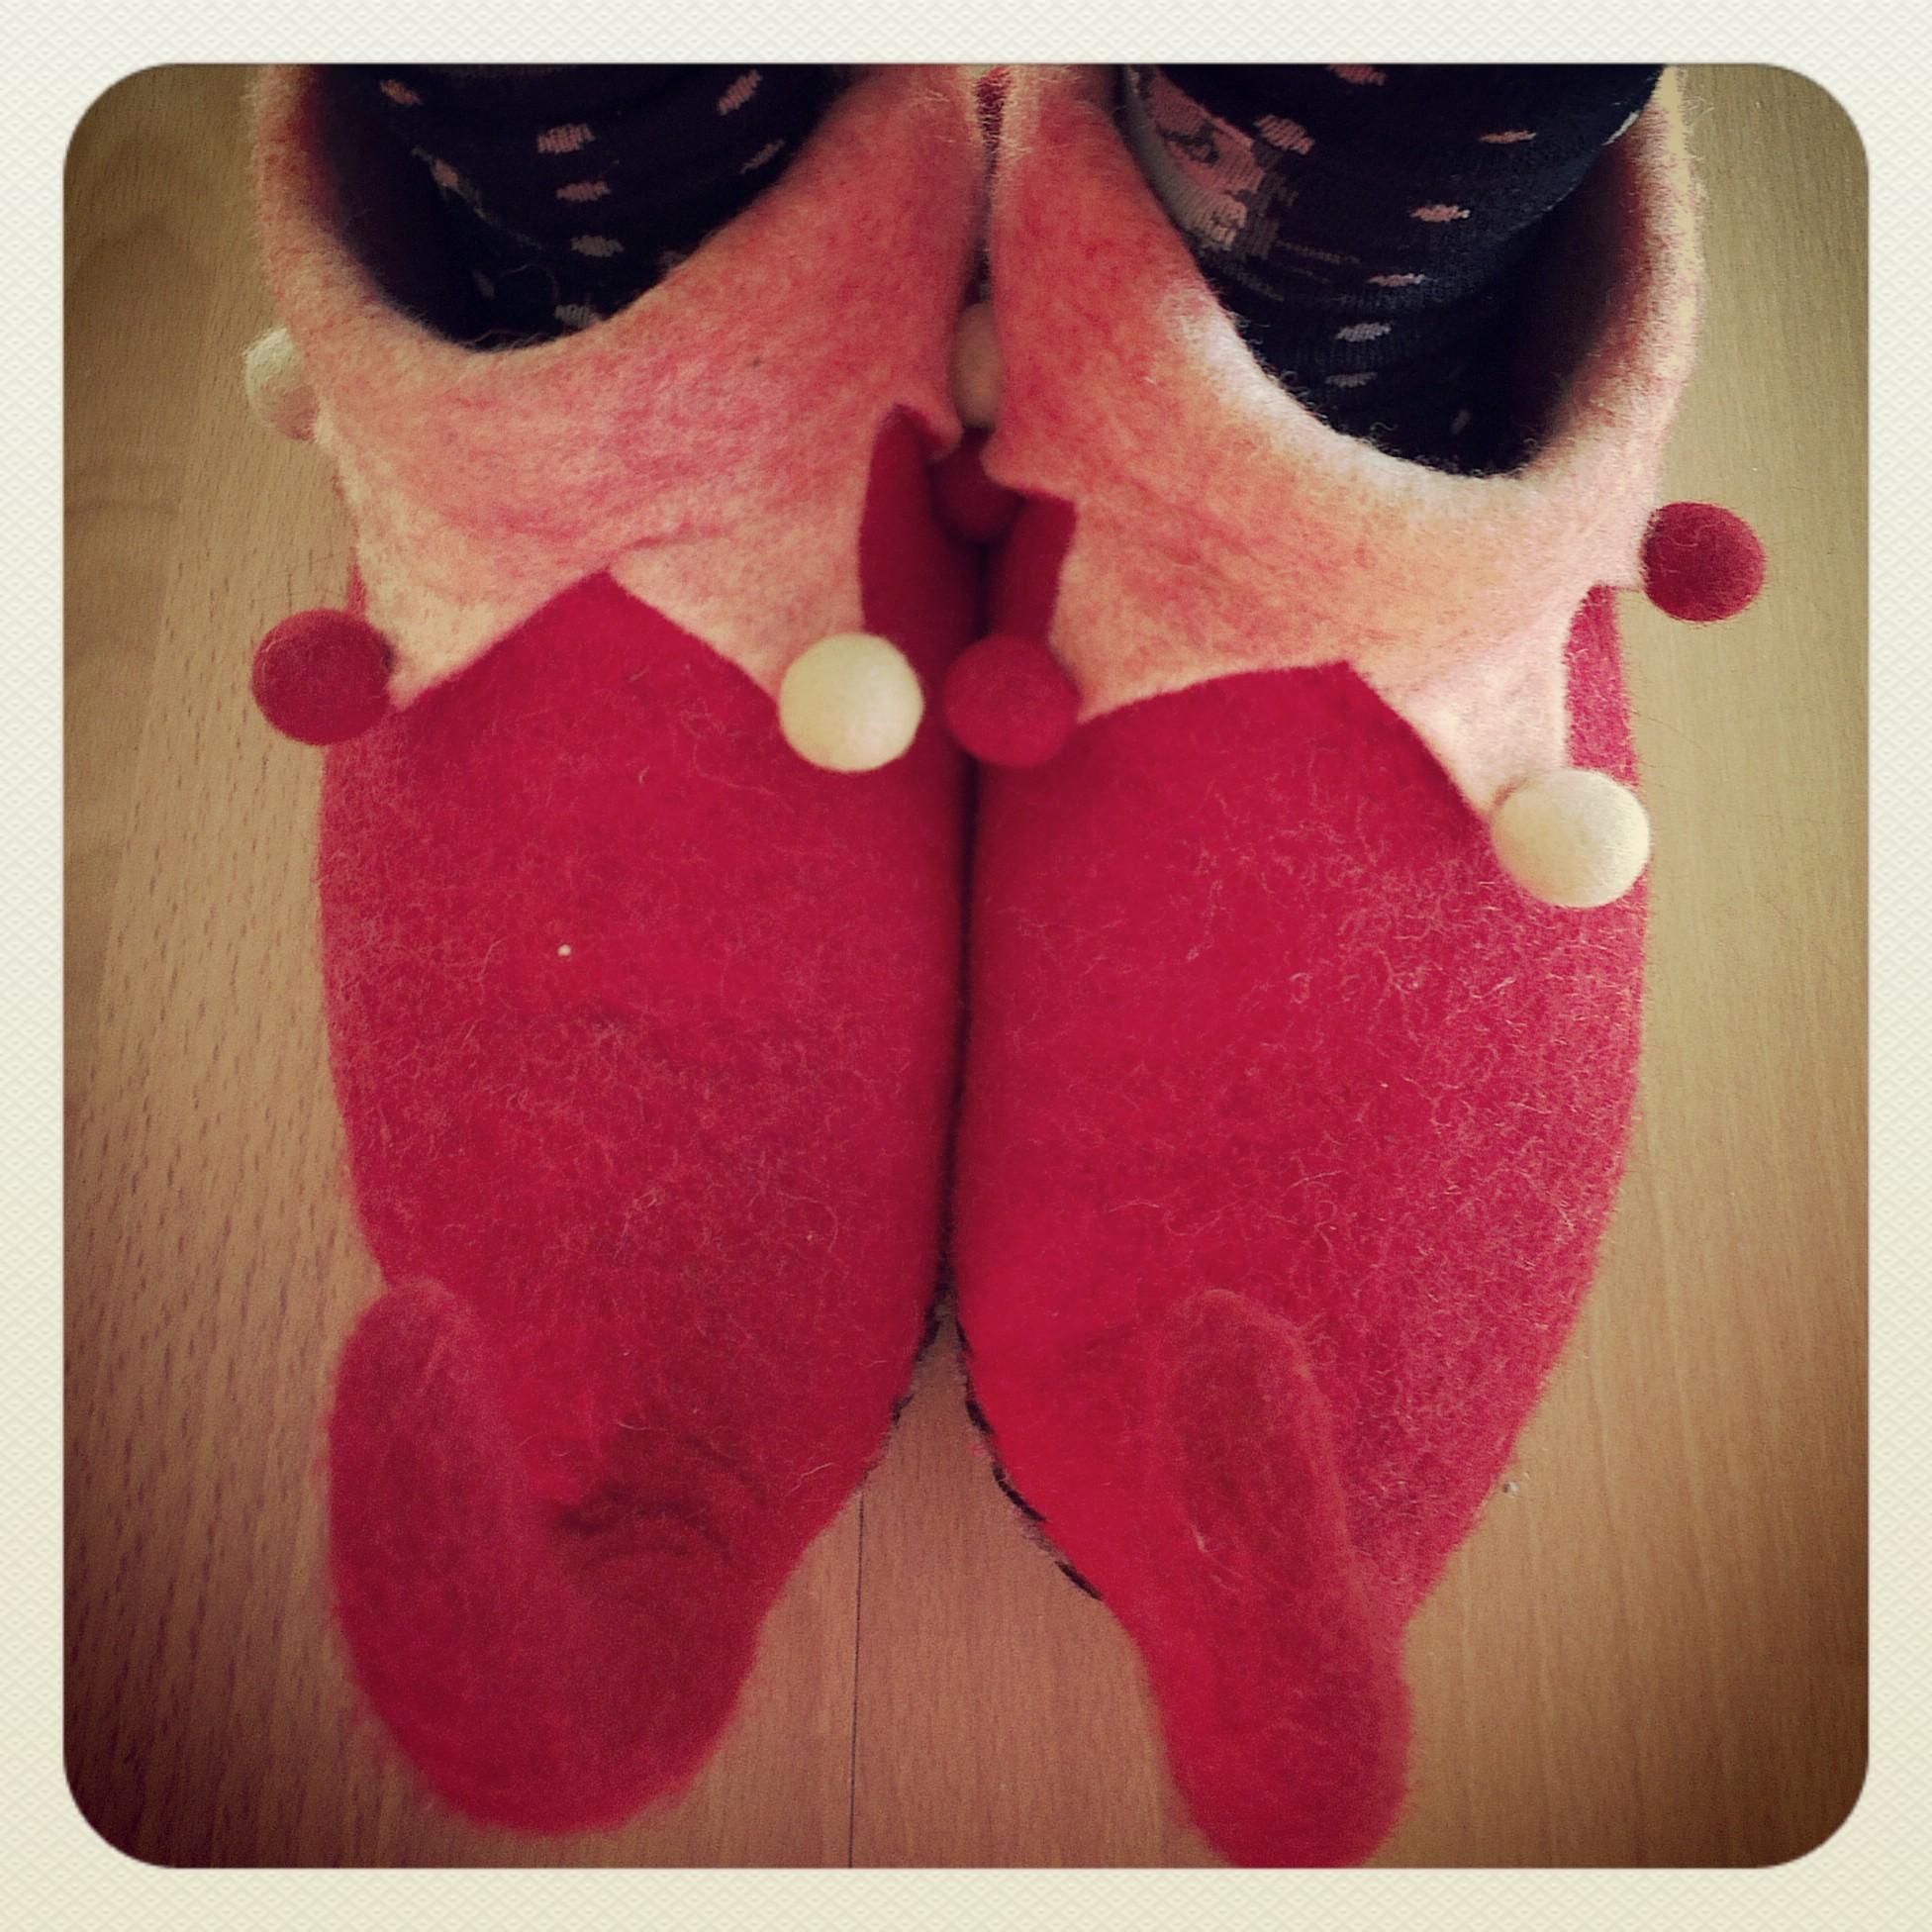 mes chaussons de lutin cadeau pour ton dr le mamour blogue. Black Bedroom Furniture Sets. Home Design Ideas